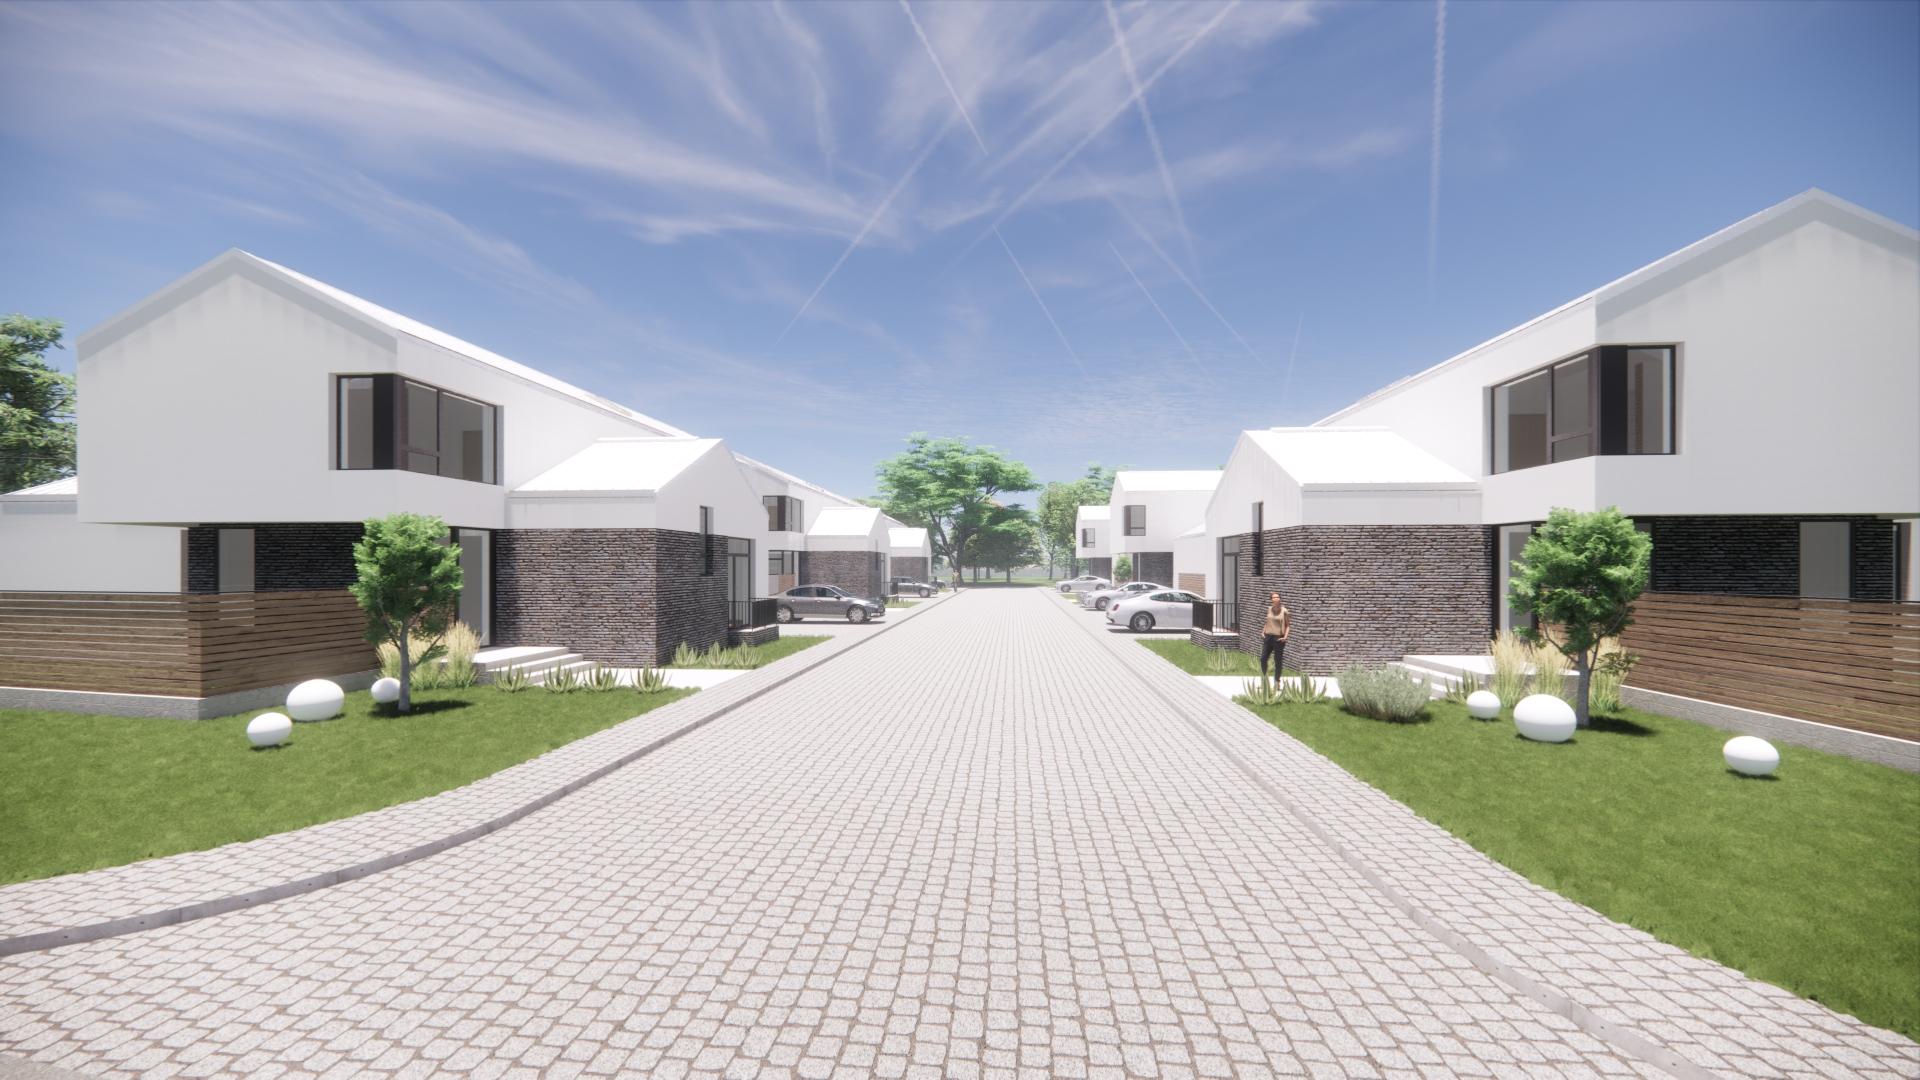 https://nbc-arhitect.ro/wp-content/uploads/2021/02/Balta-Alba-Corbeanca-13.jpg